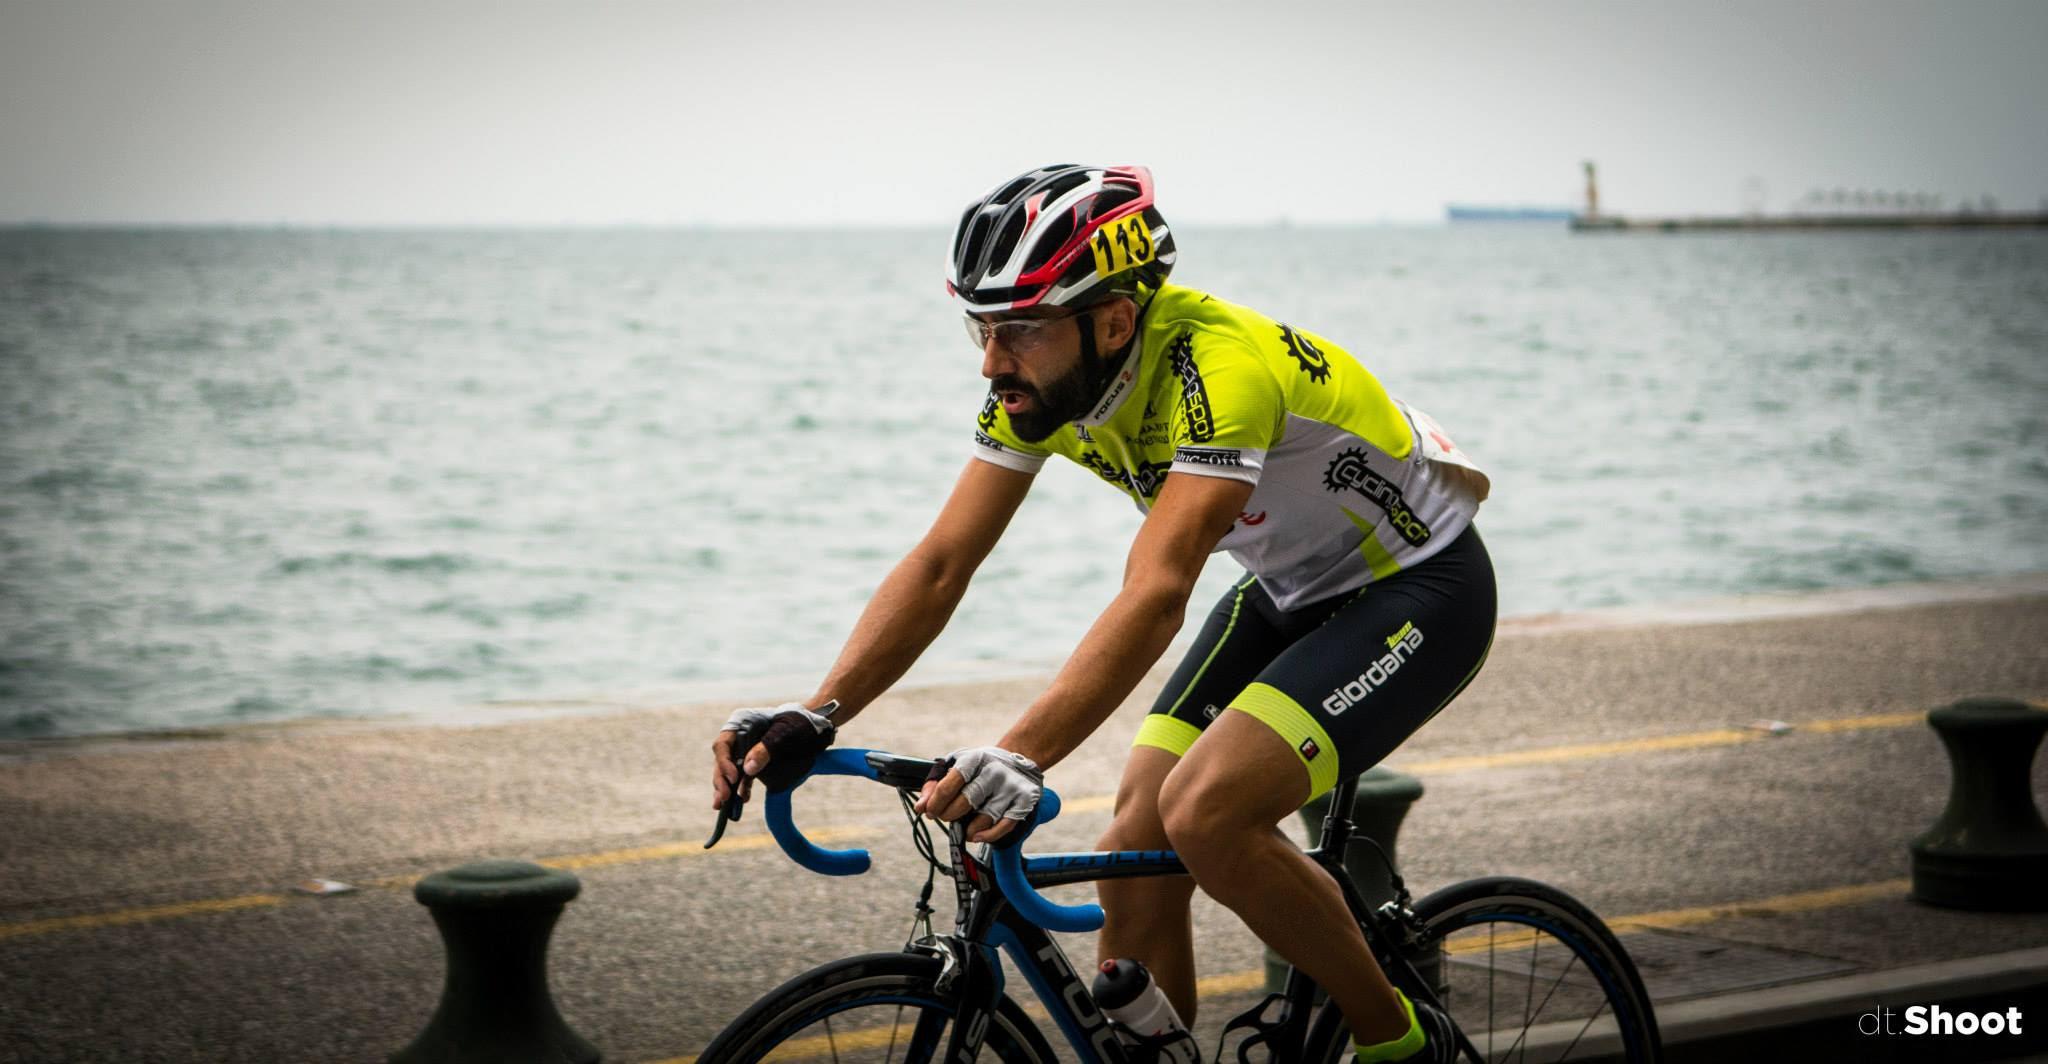 Θεσσαλονίκη: Επανήλθε πιο δυνατός ο ποδηλάτης που είχε πέσει σε κώμα μετά από φοβερό τροχαίο στις Σέρρες